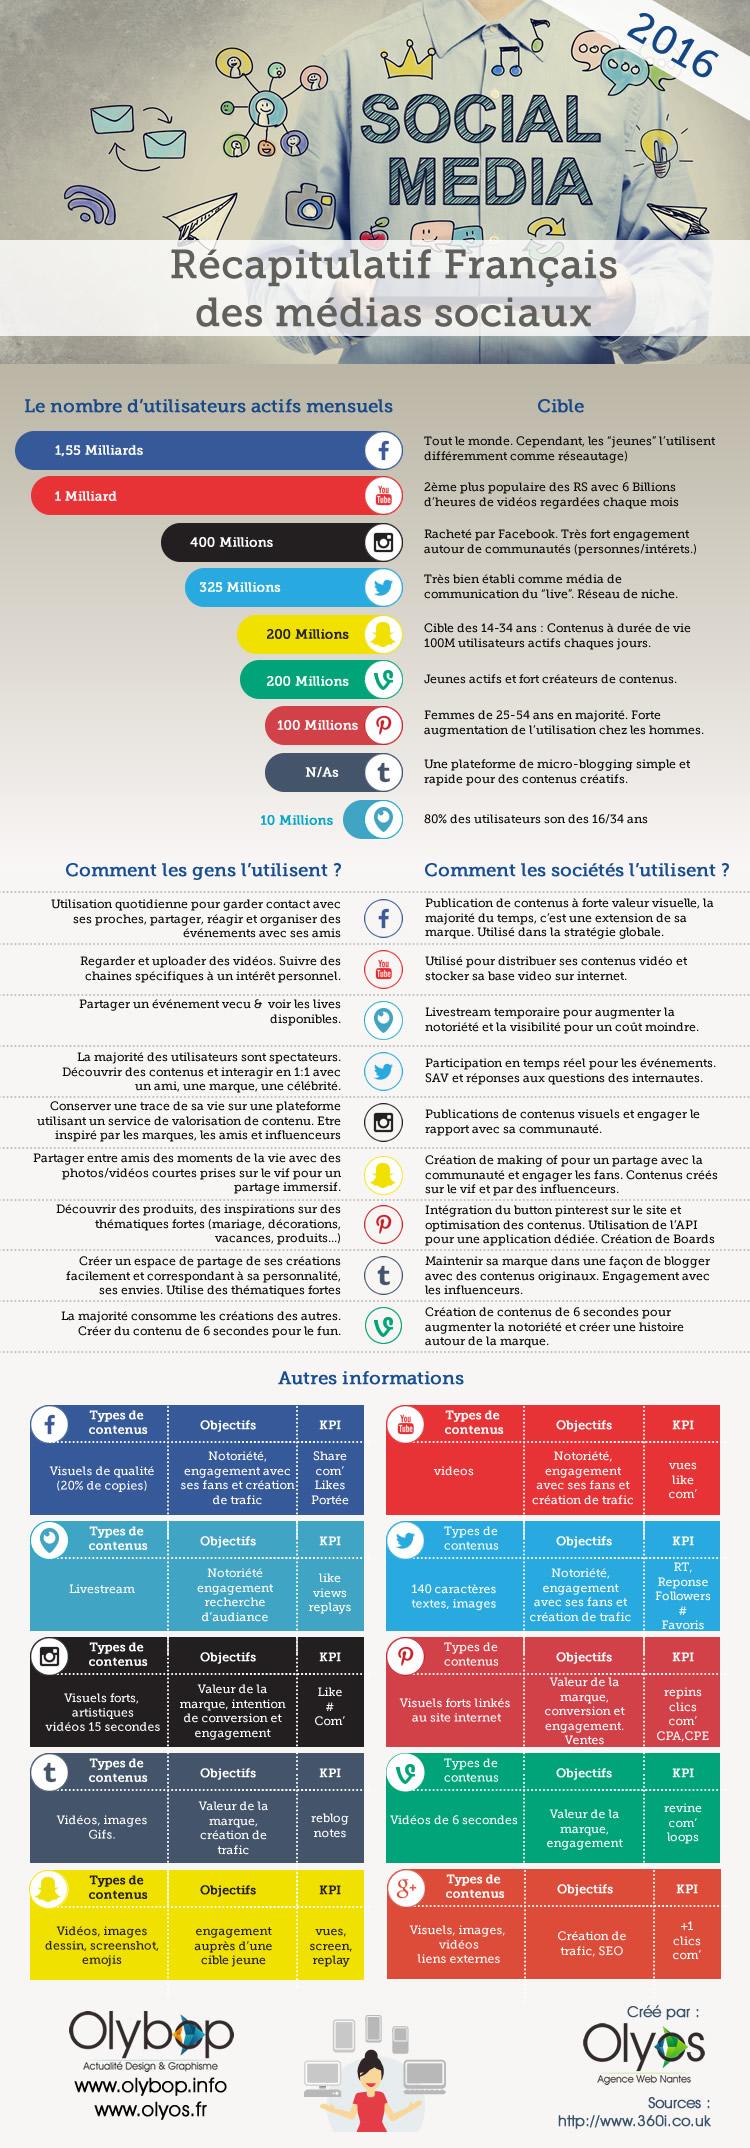 Stratégie Réseaux Sociaux : cibles, plateformes, contenus, objectifs et KPIs